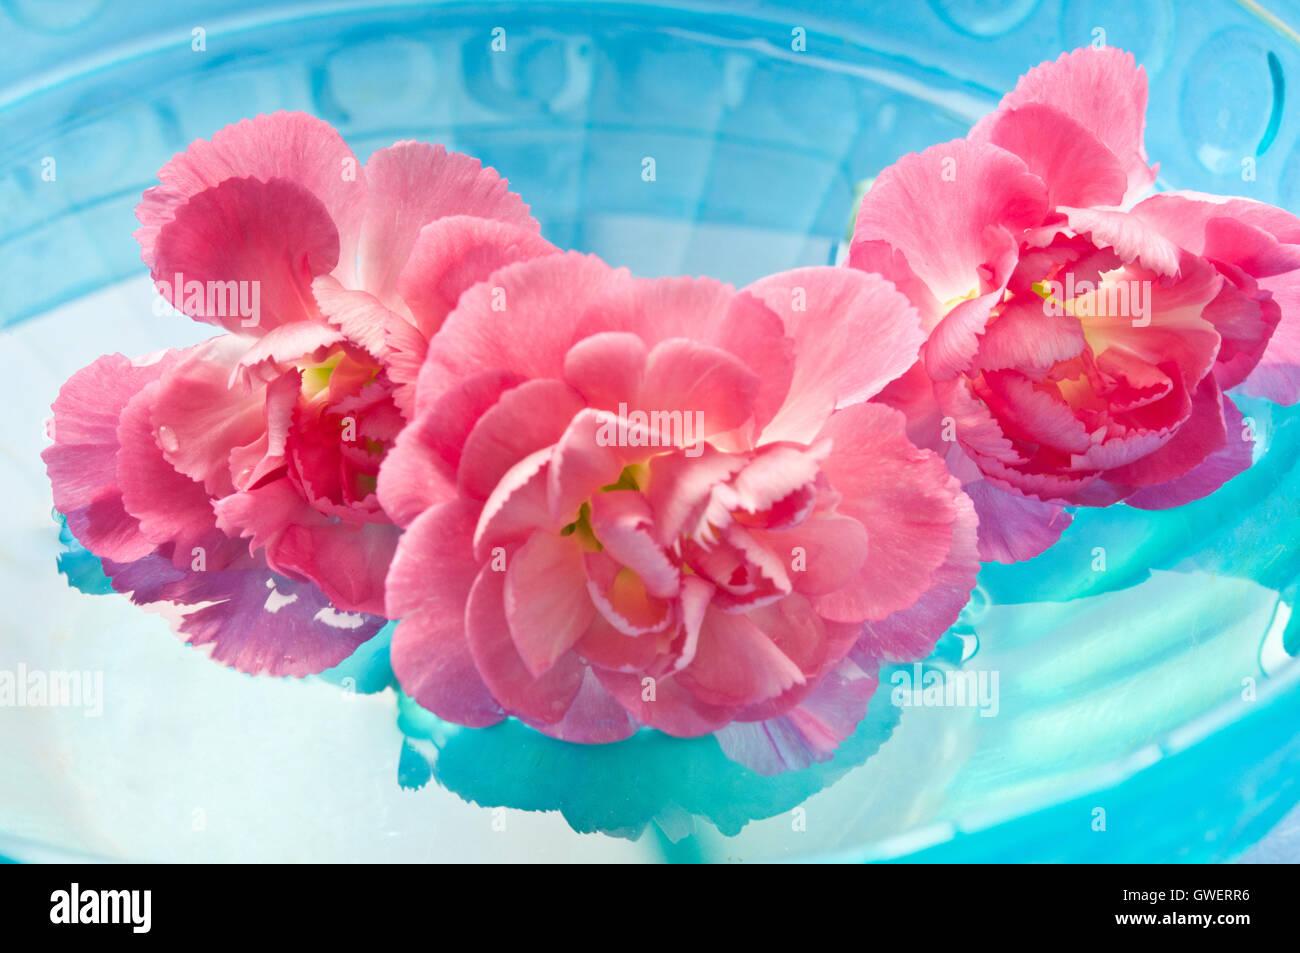 Clavel rosa flores en agua, meditación y mindfulness Imagen De Stock